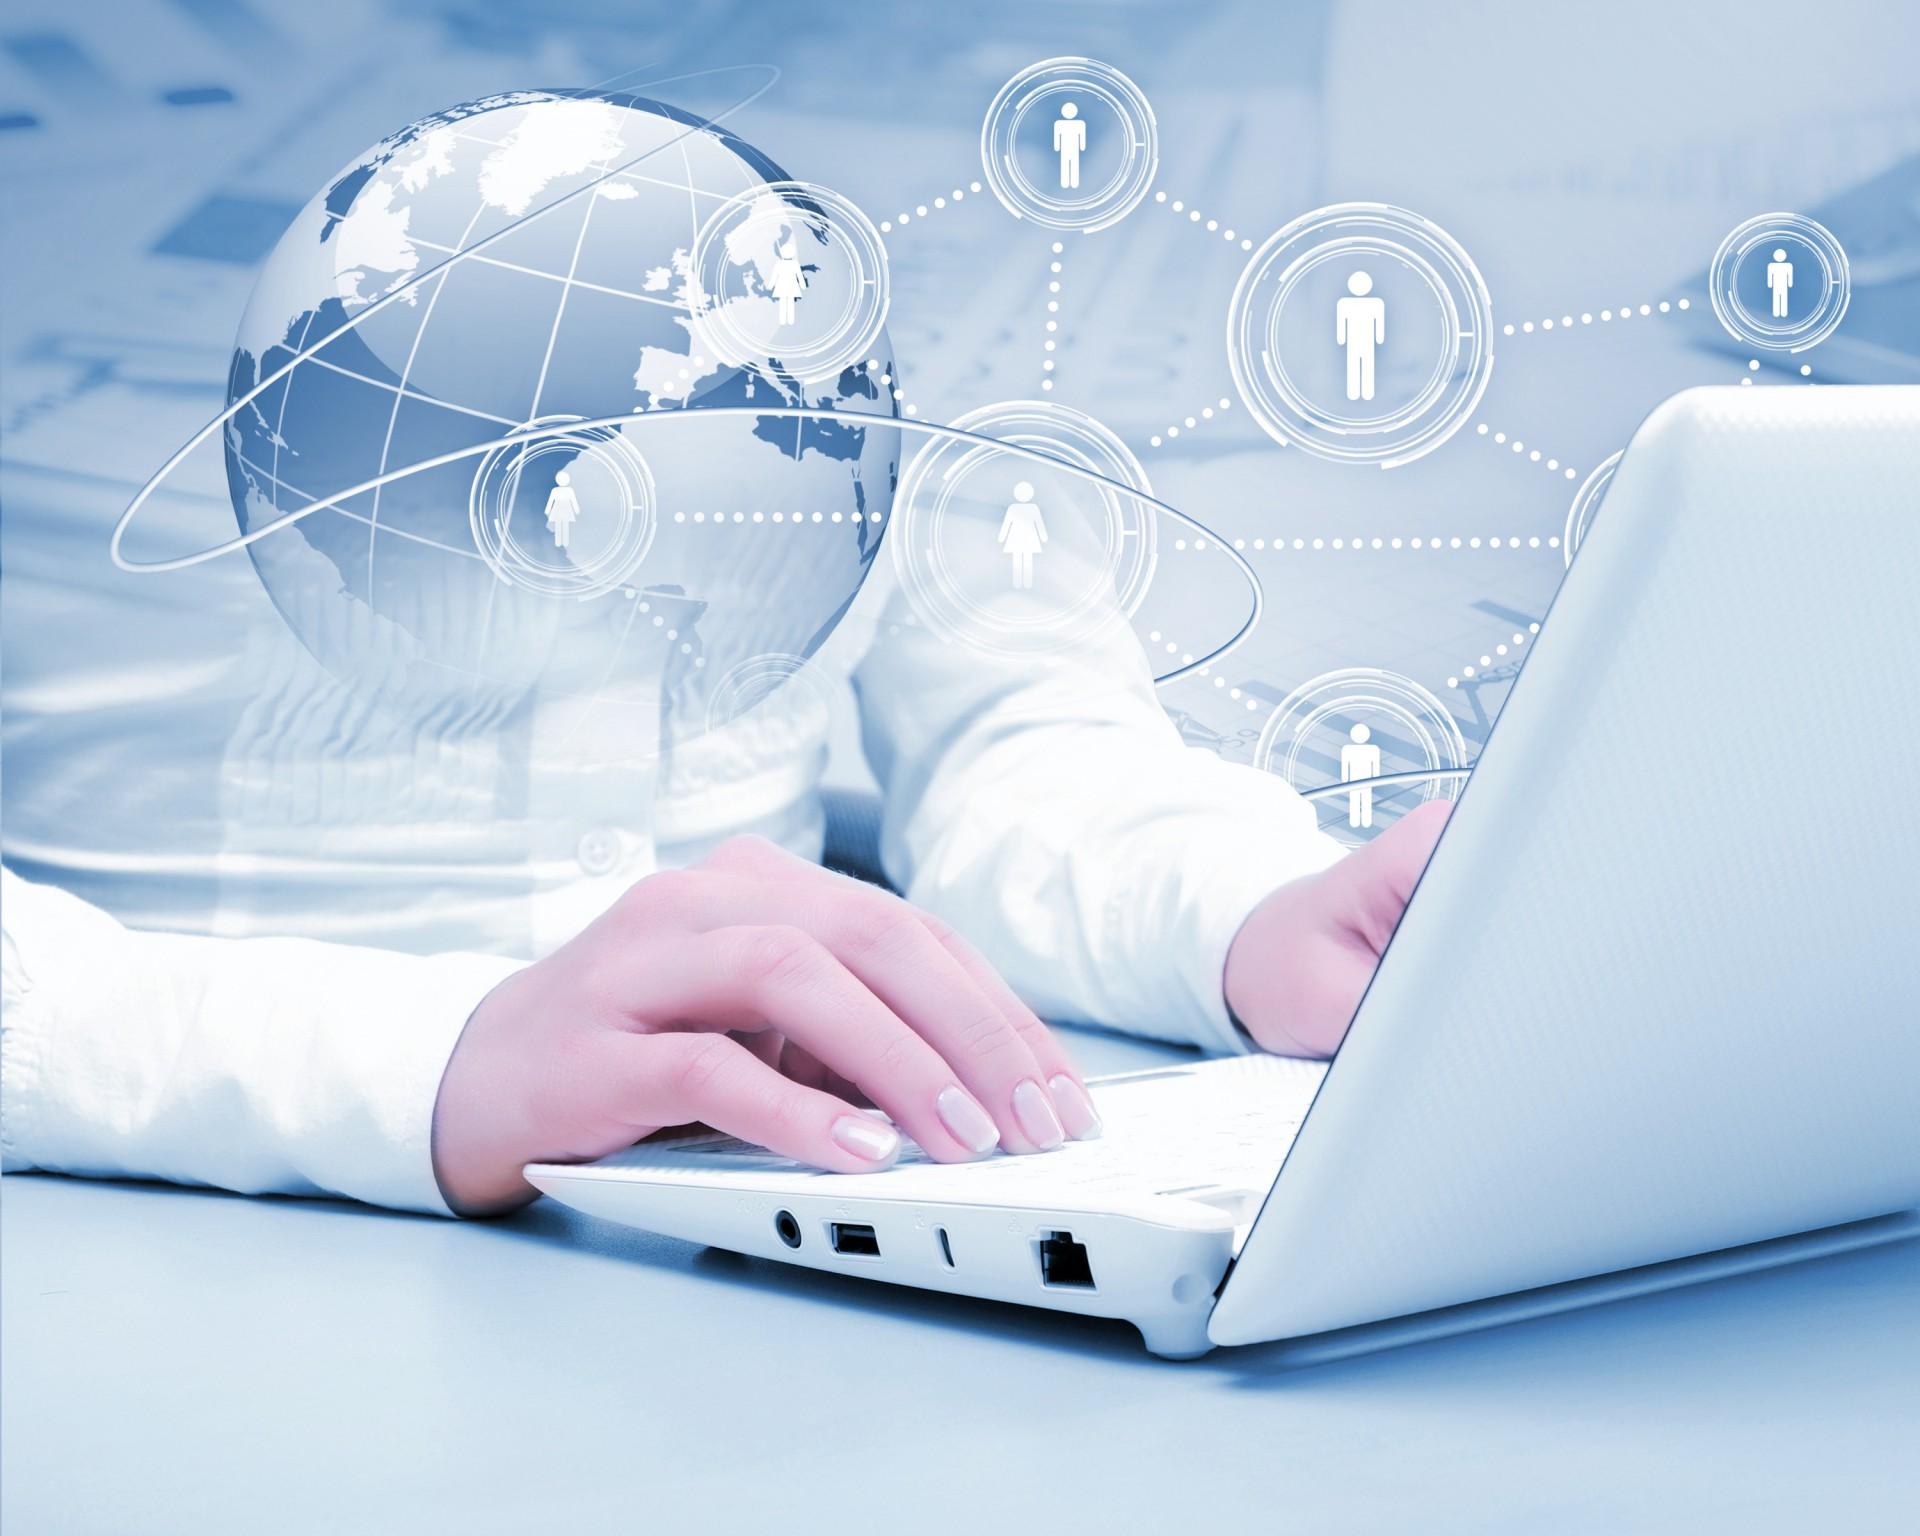 اطلاعیه مهم : ارتباط مستقیم شما با هزاران کاربر در پرشین حساب !